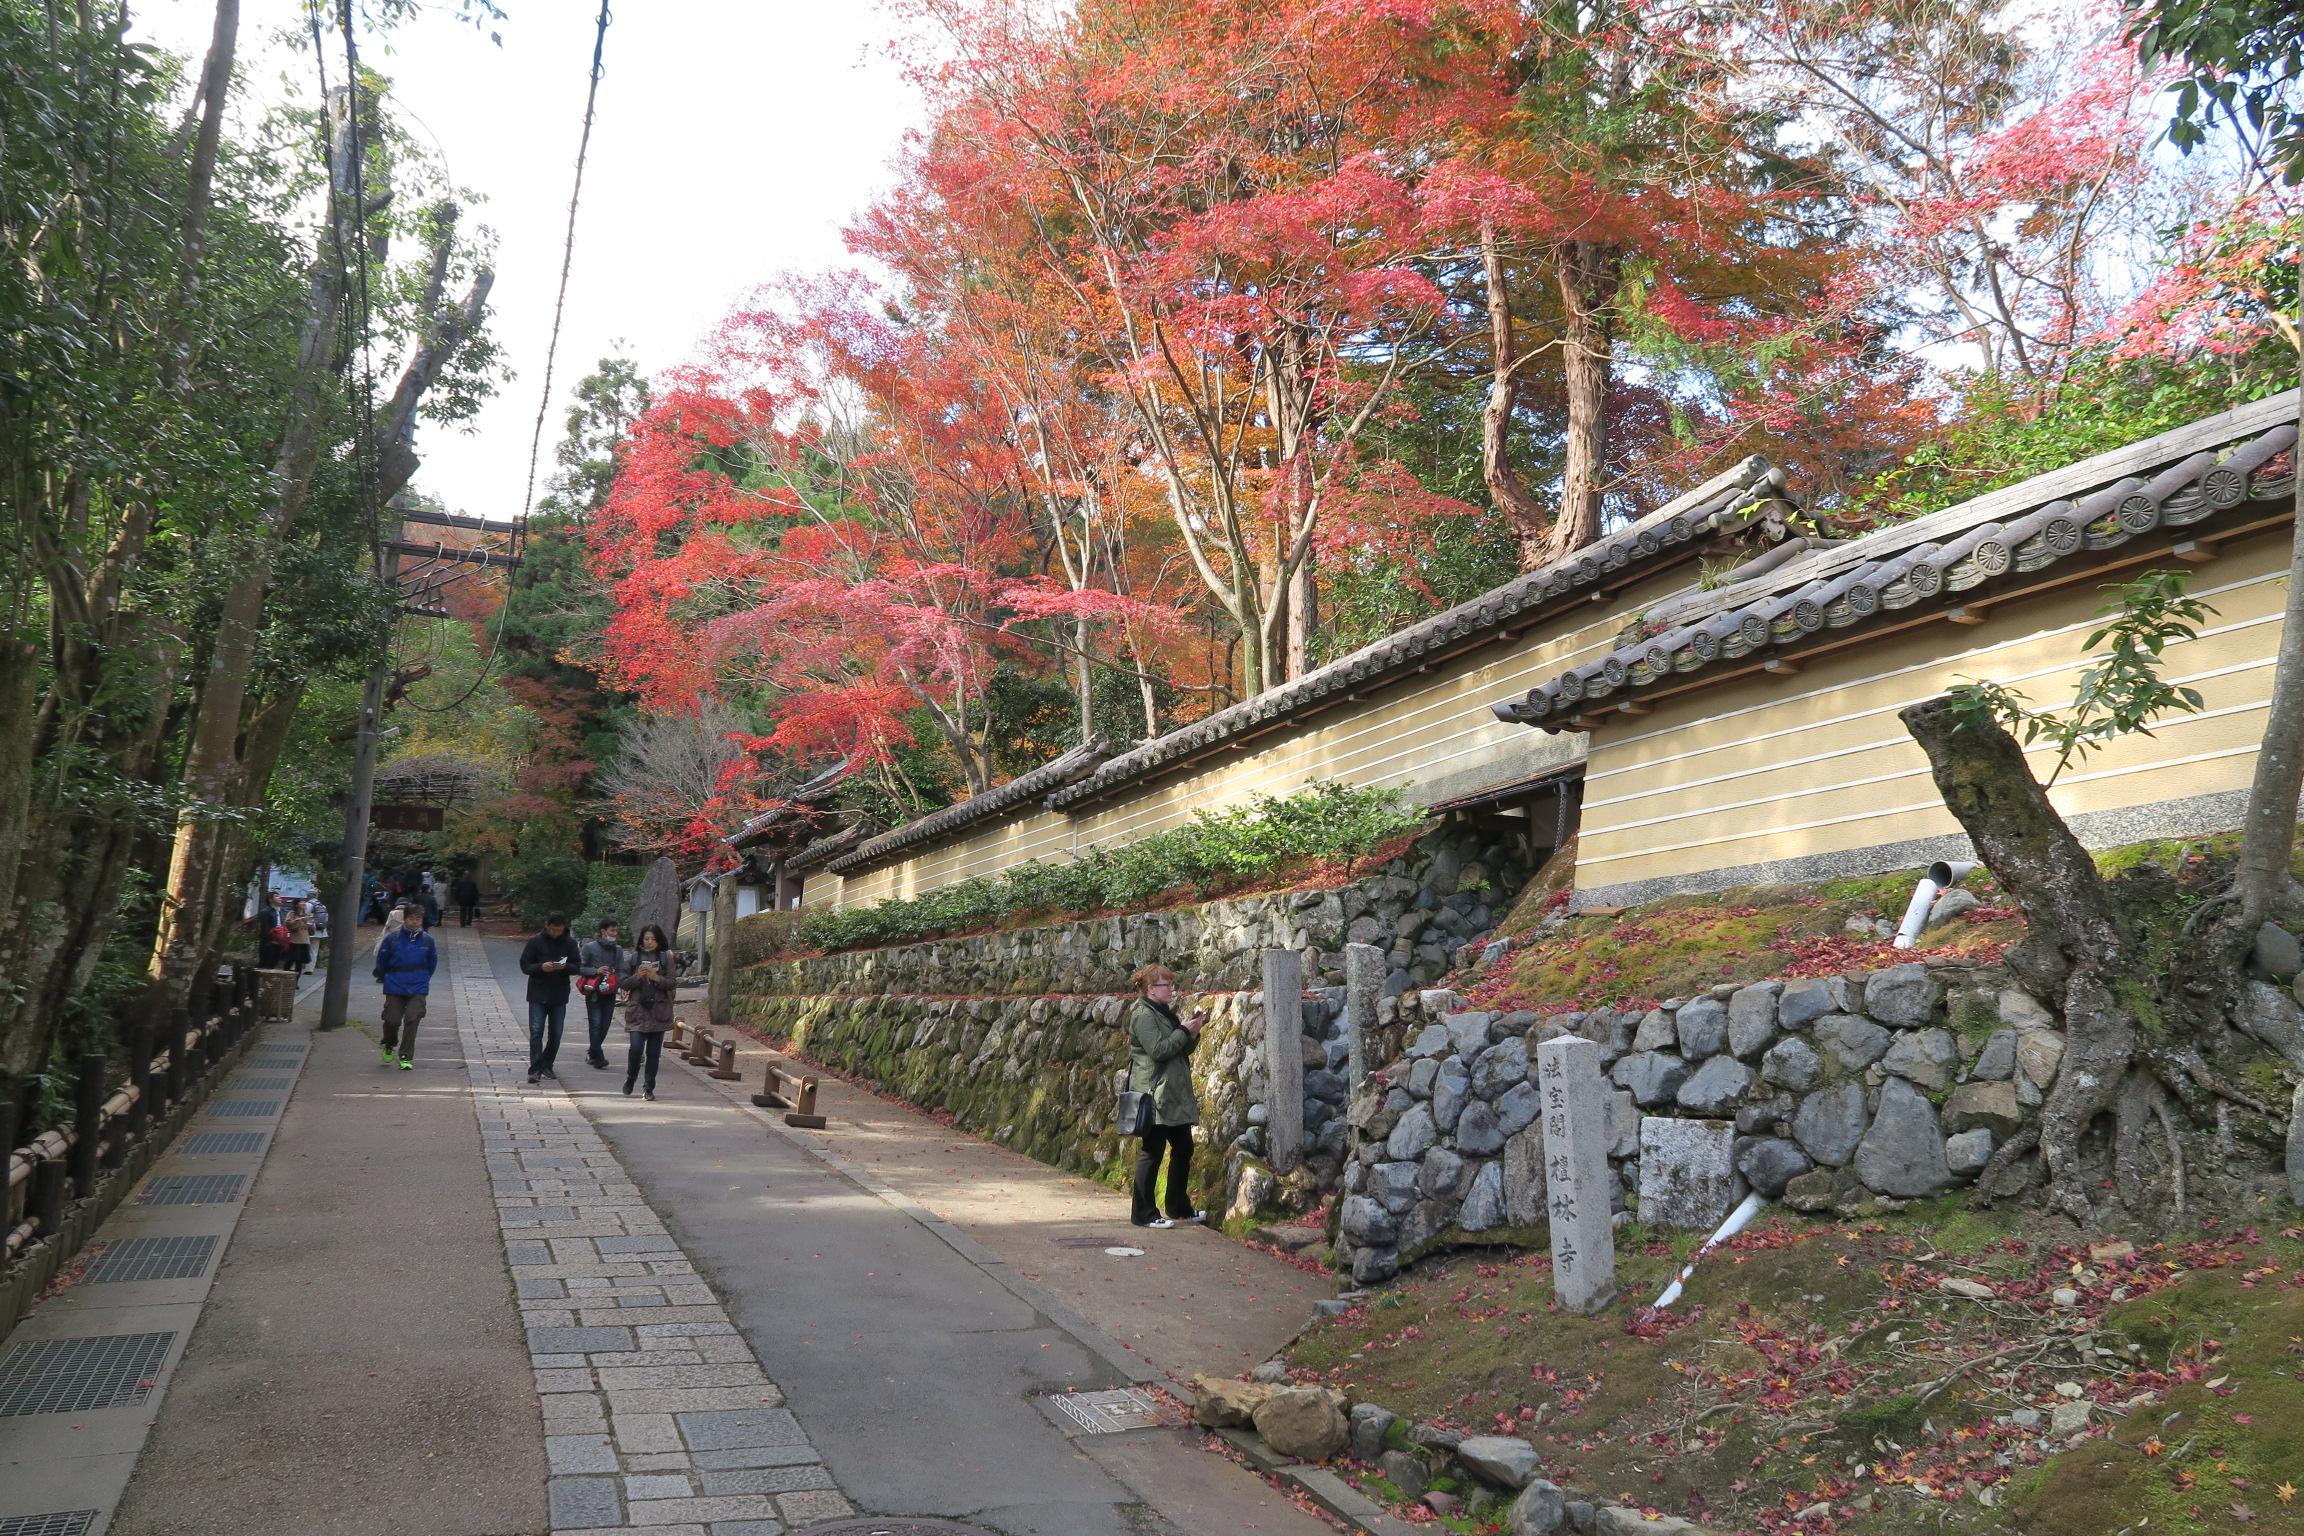 祇王寺の途中にある檀林寺の紅葉がきれいでした。祇王寺も期待してしまいましたが・・・。